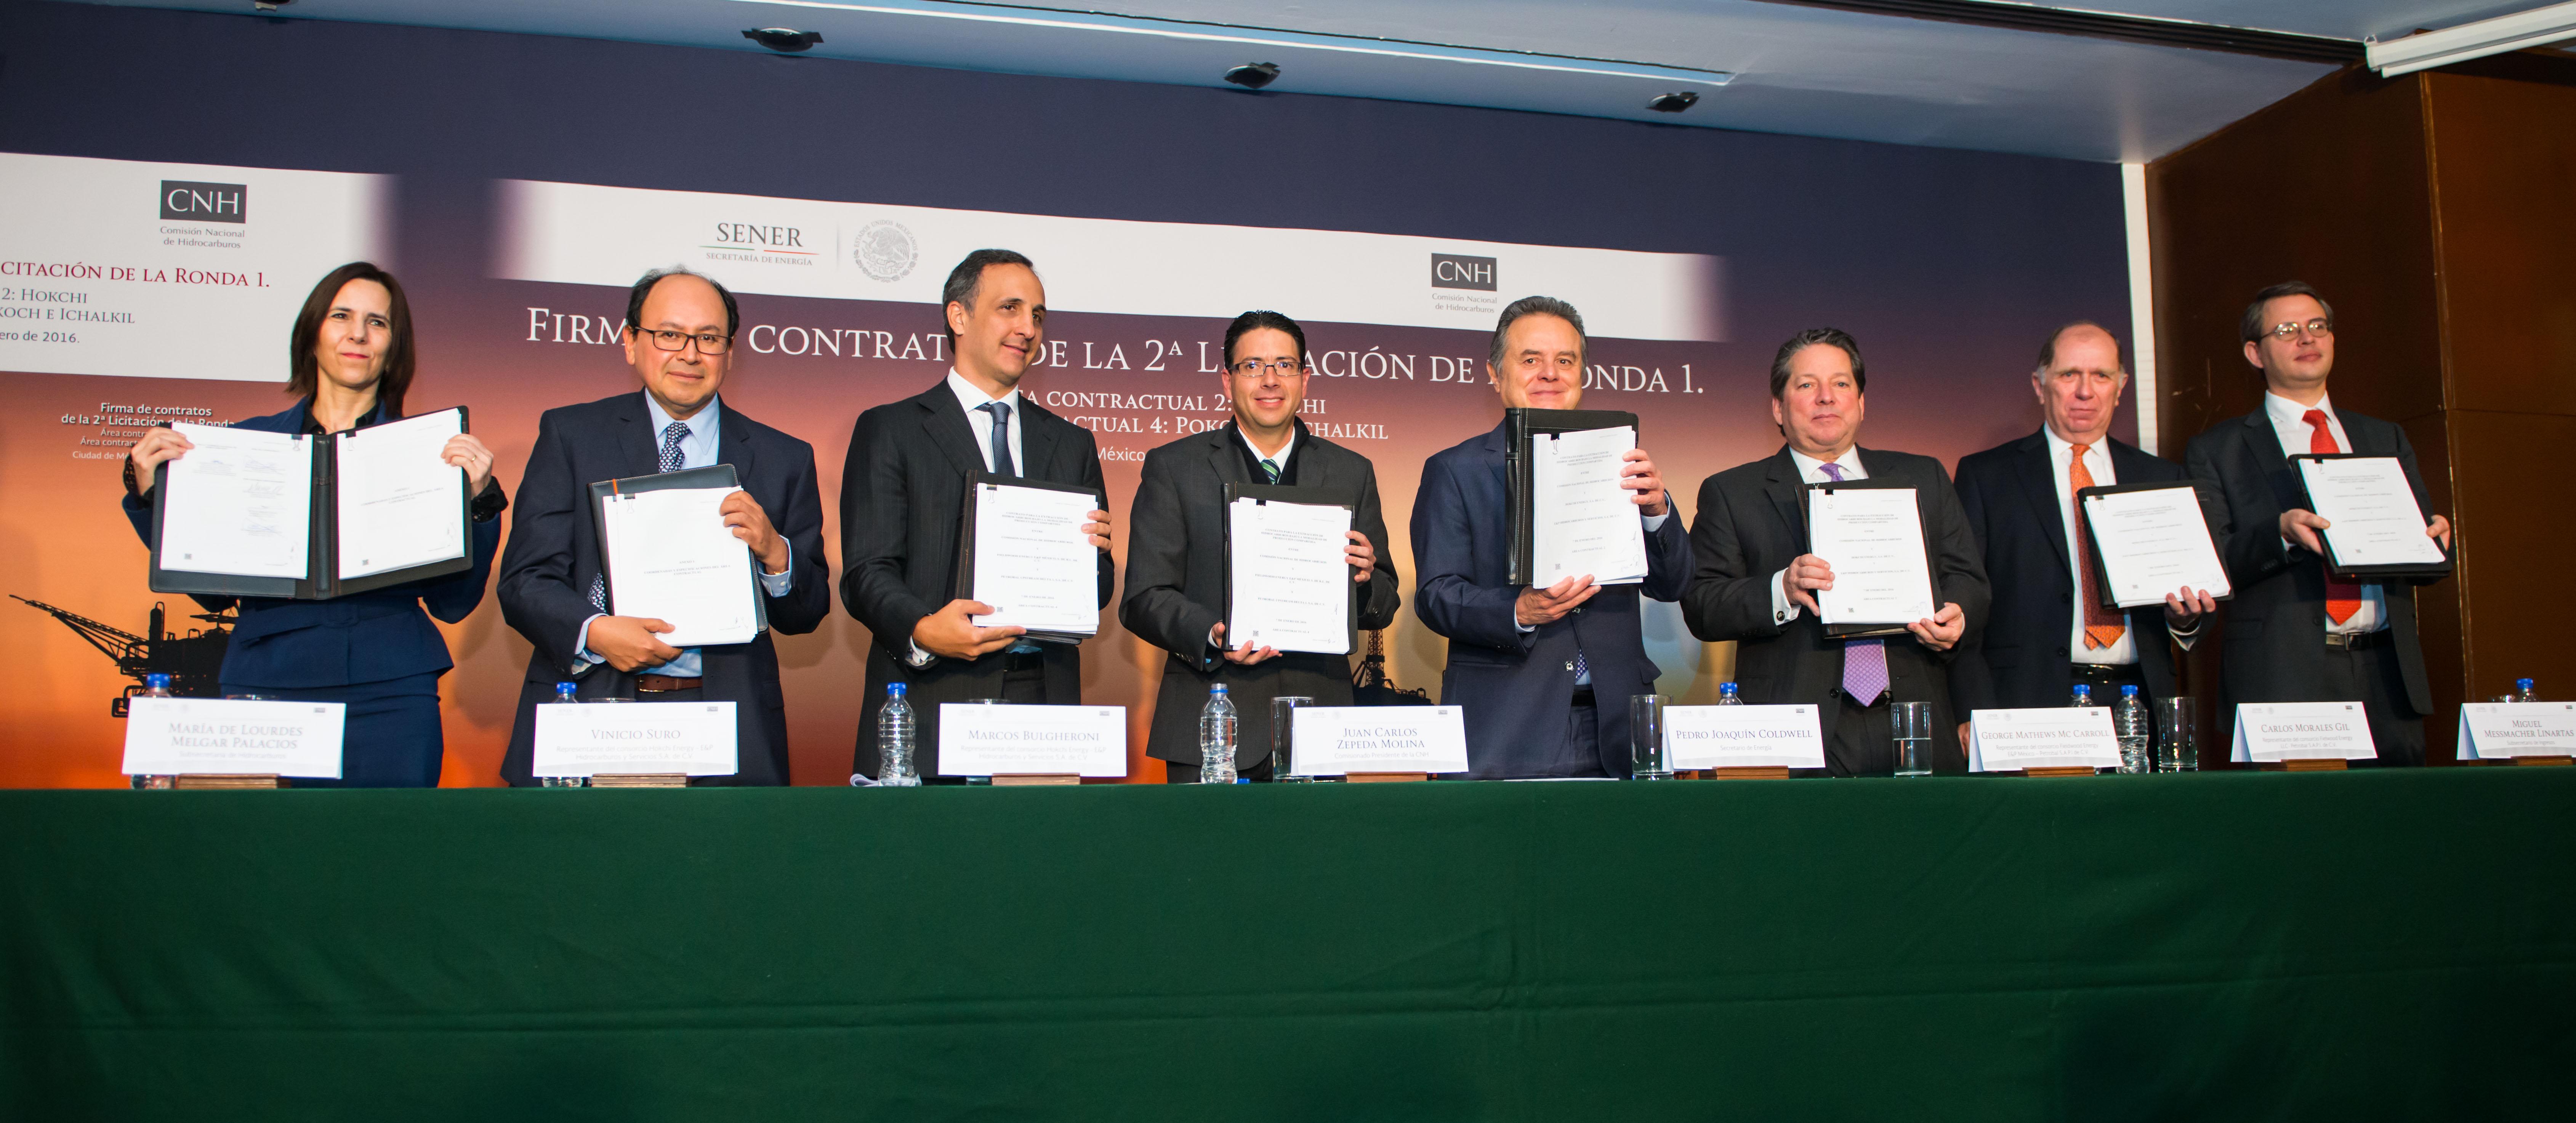 Firma de contratos Segunda Licitación de la Ronda Uno